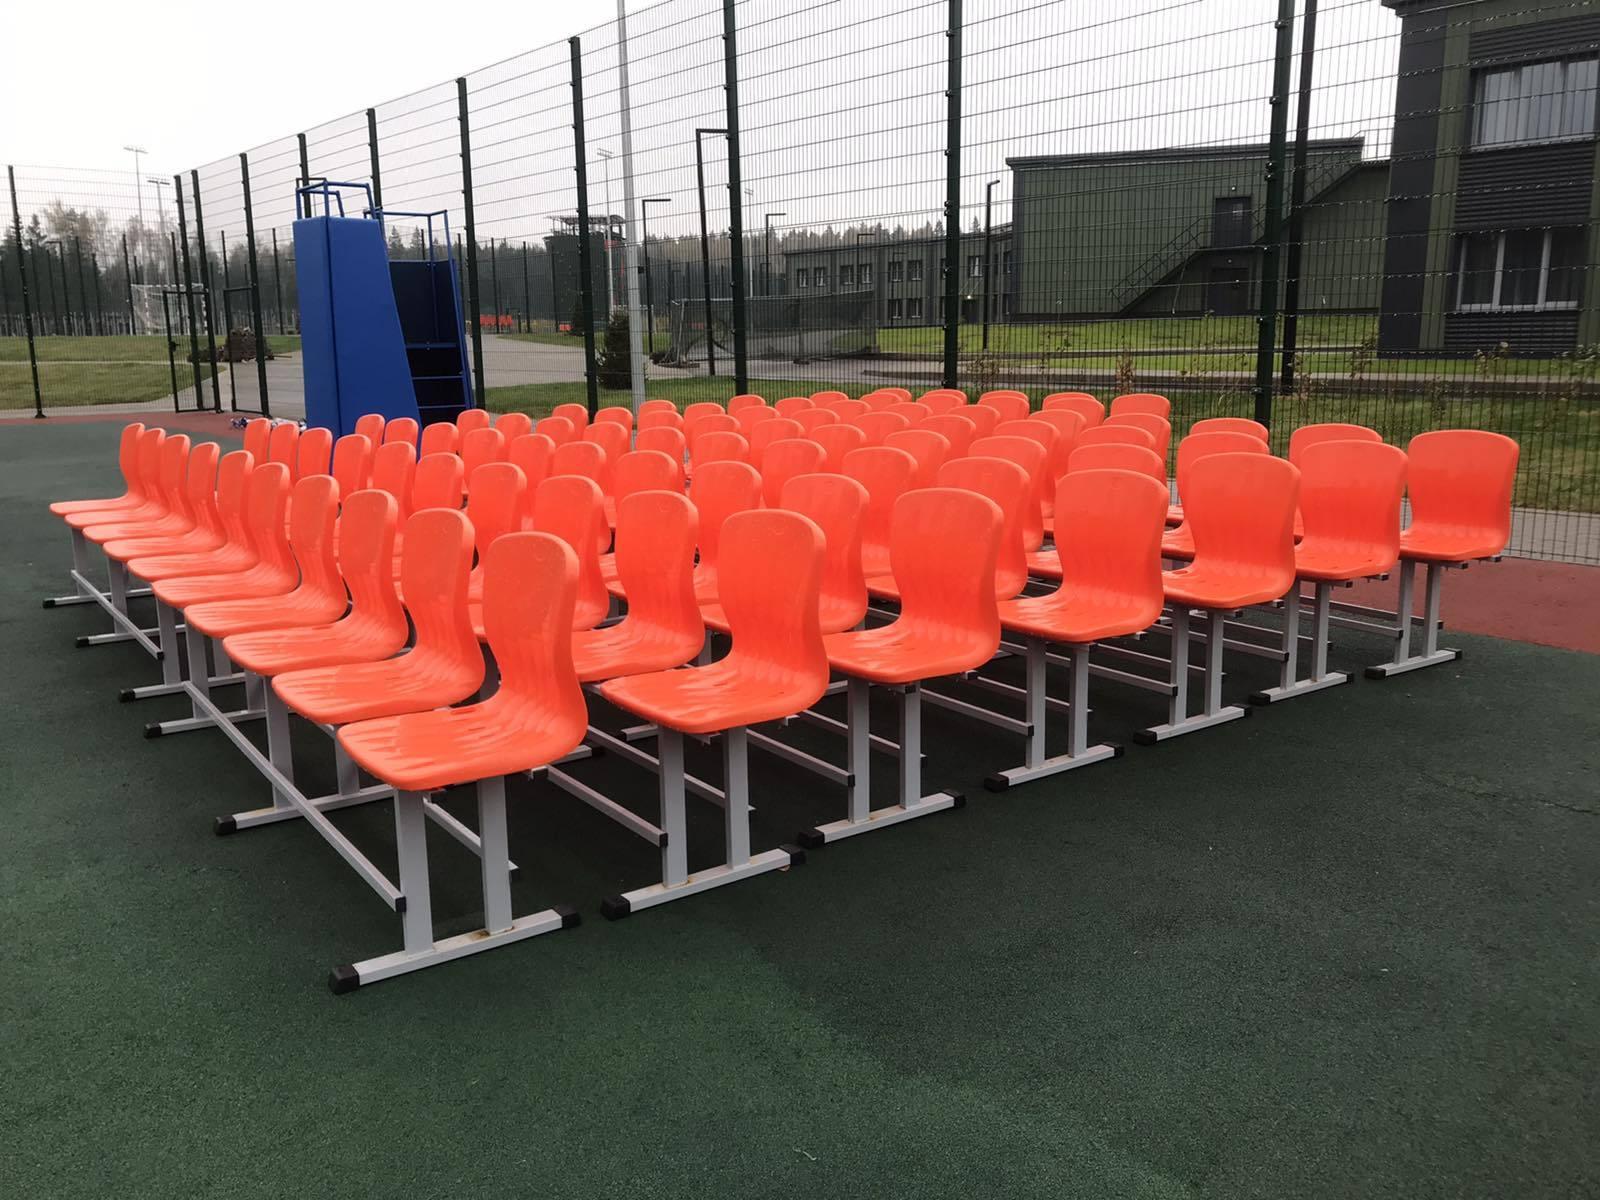 Произведены и поставлены мобильные скамейки зрительские на 5 мест  с пластиковыми сиденьями  и вышки судейские универсальные для Учебно-методического центра военно-патриотического воспитания молодёжи Авангард